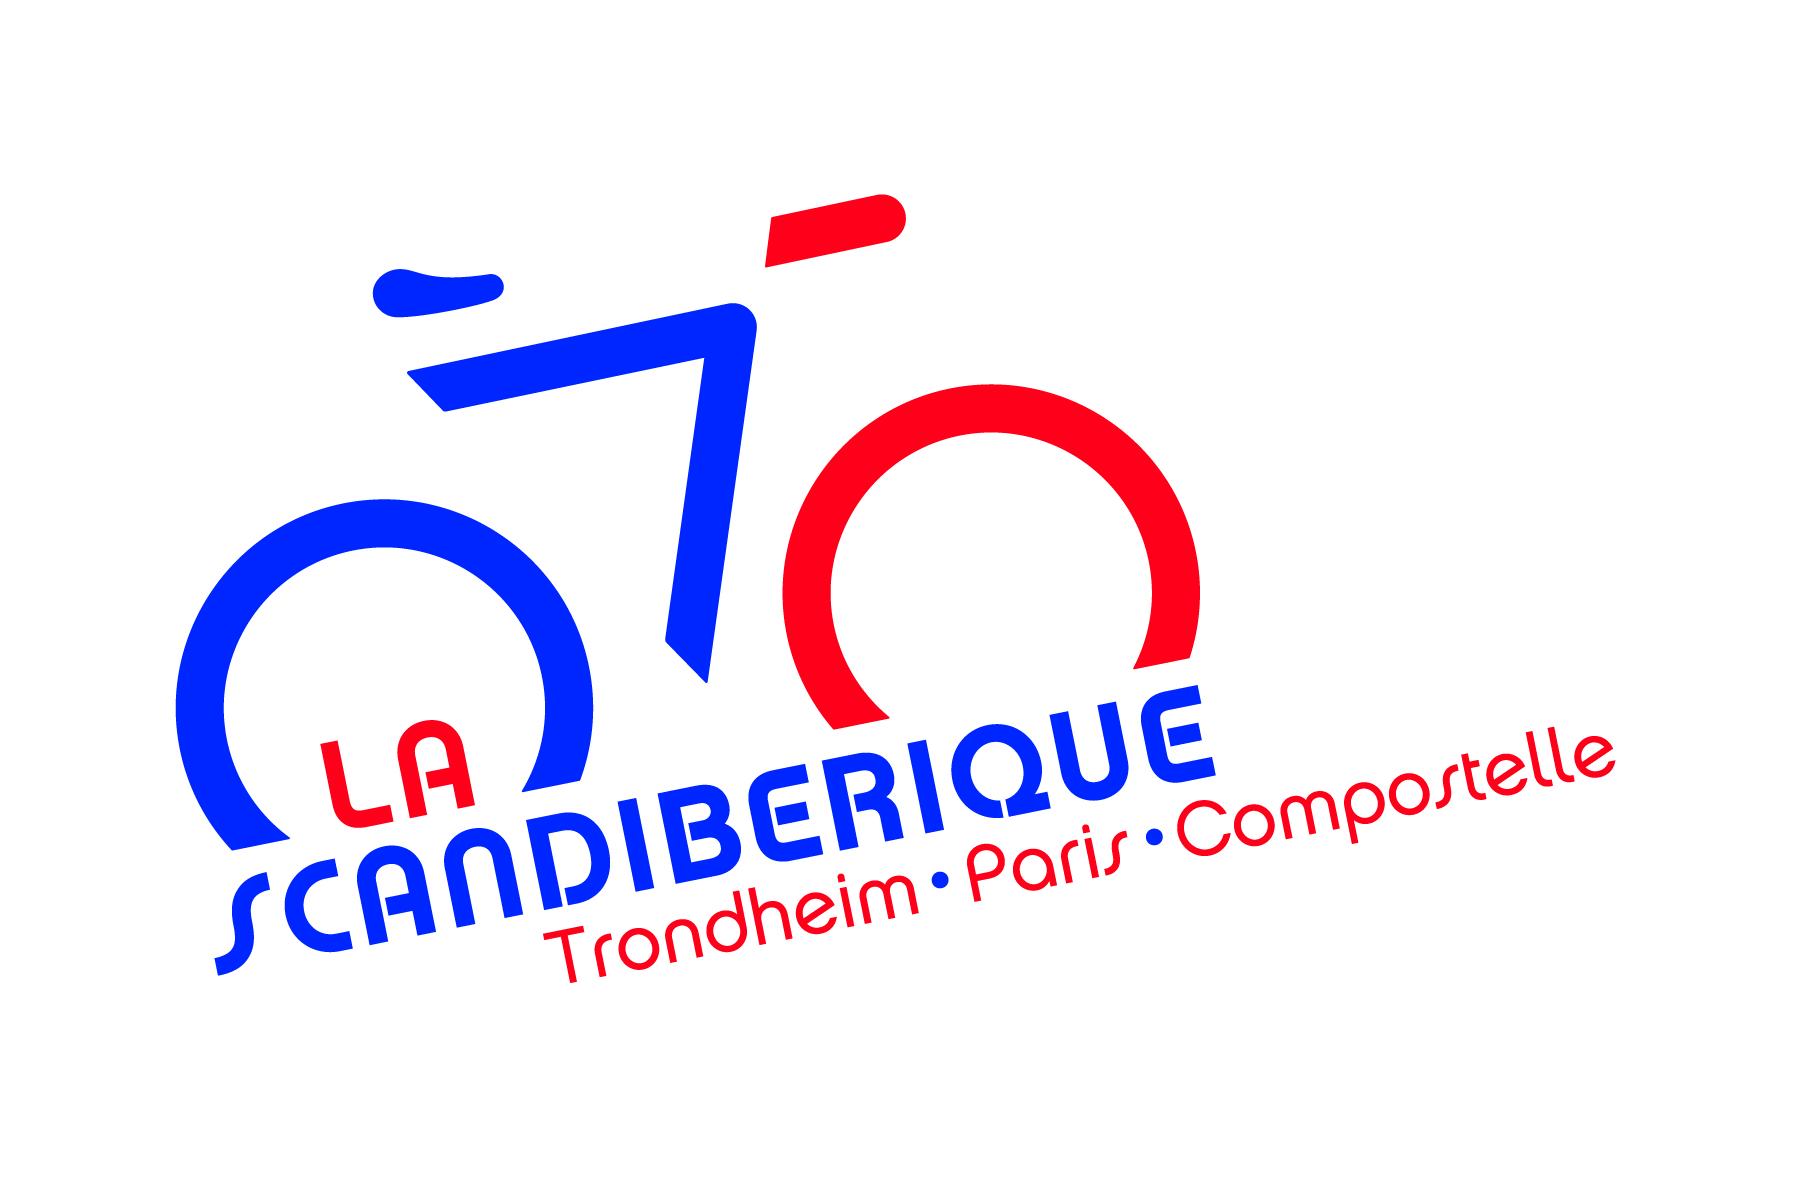 Logo de la Scandibérique